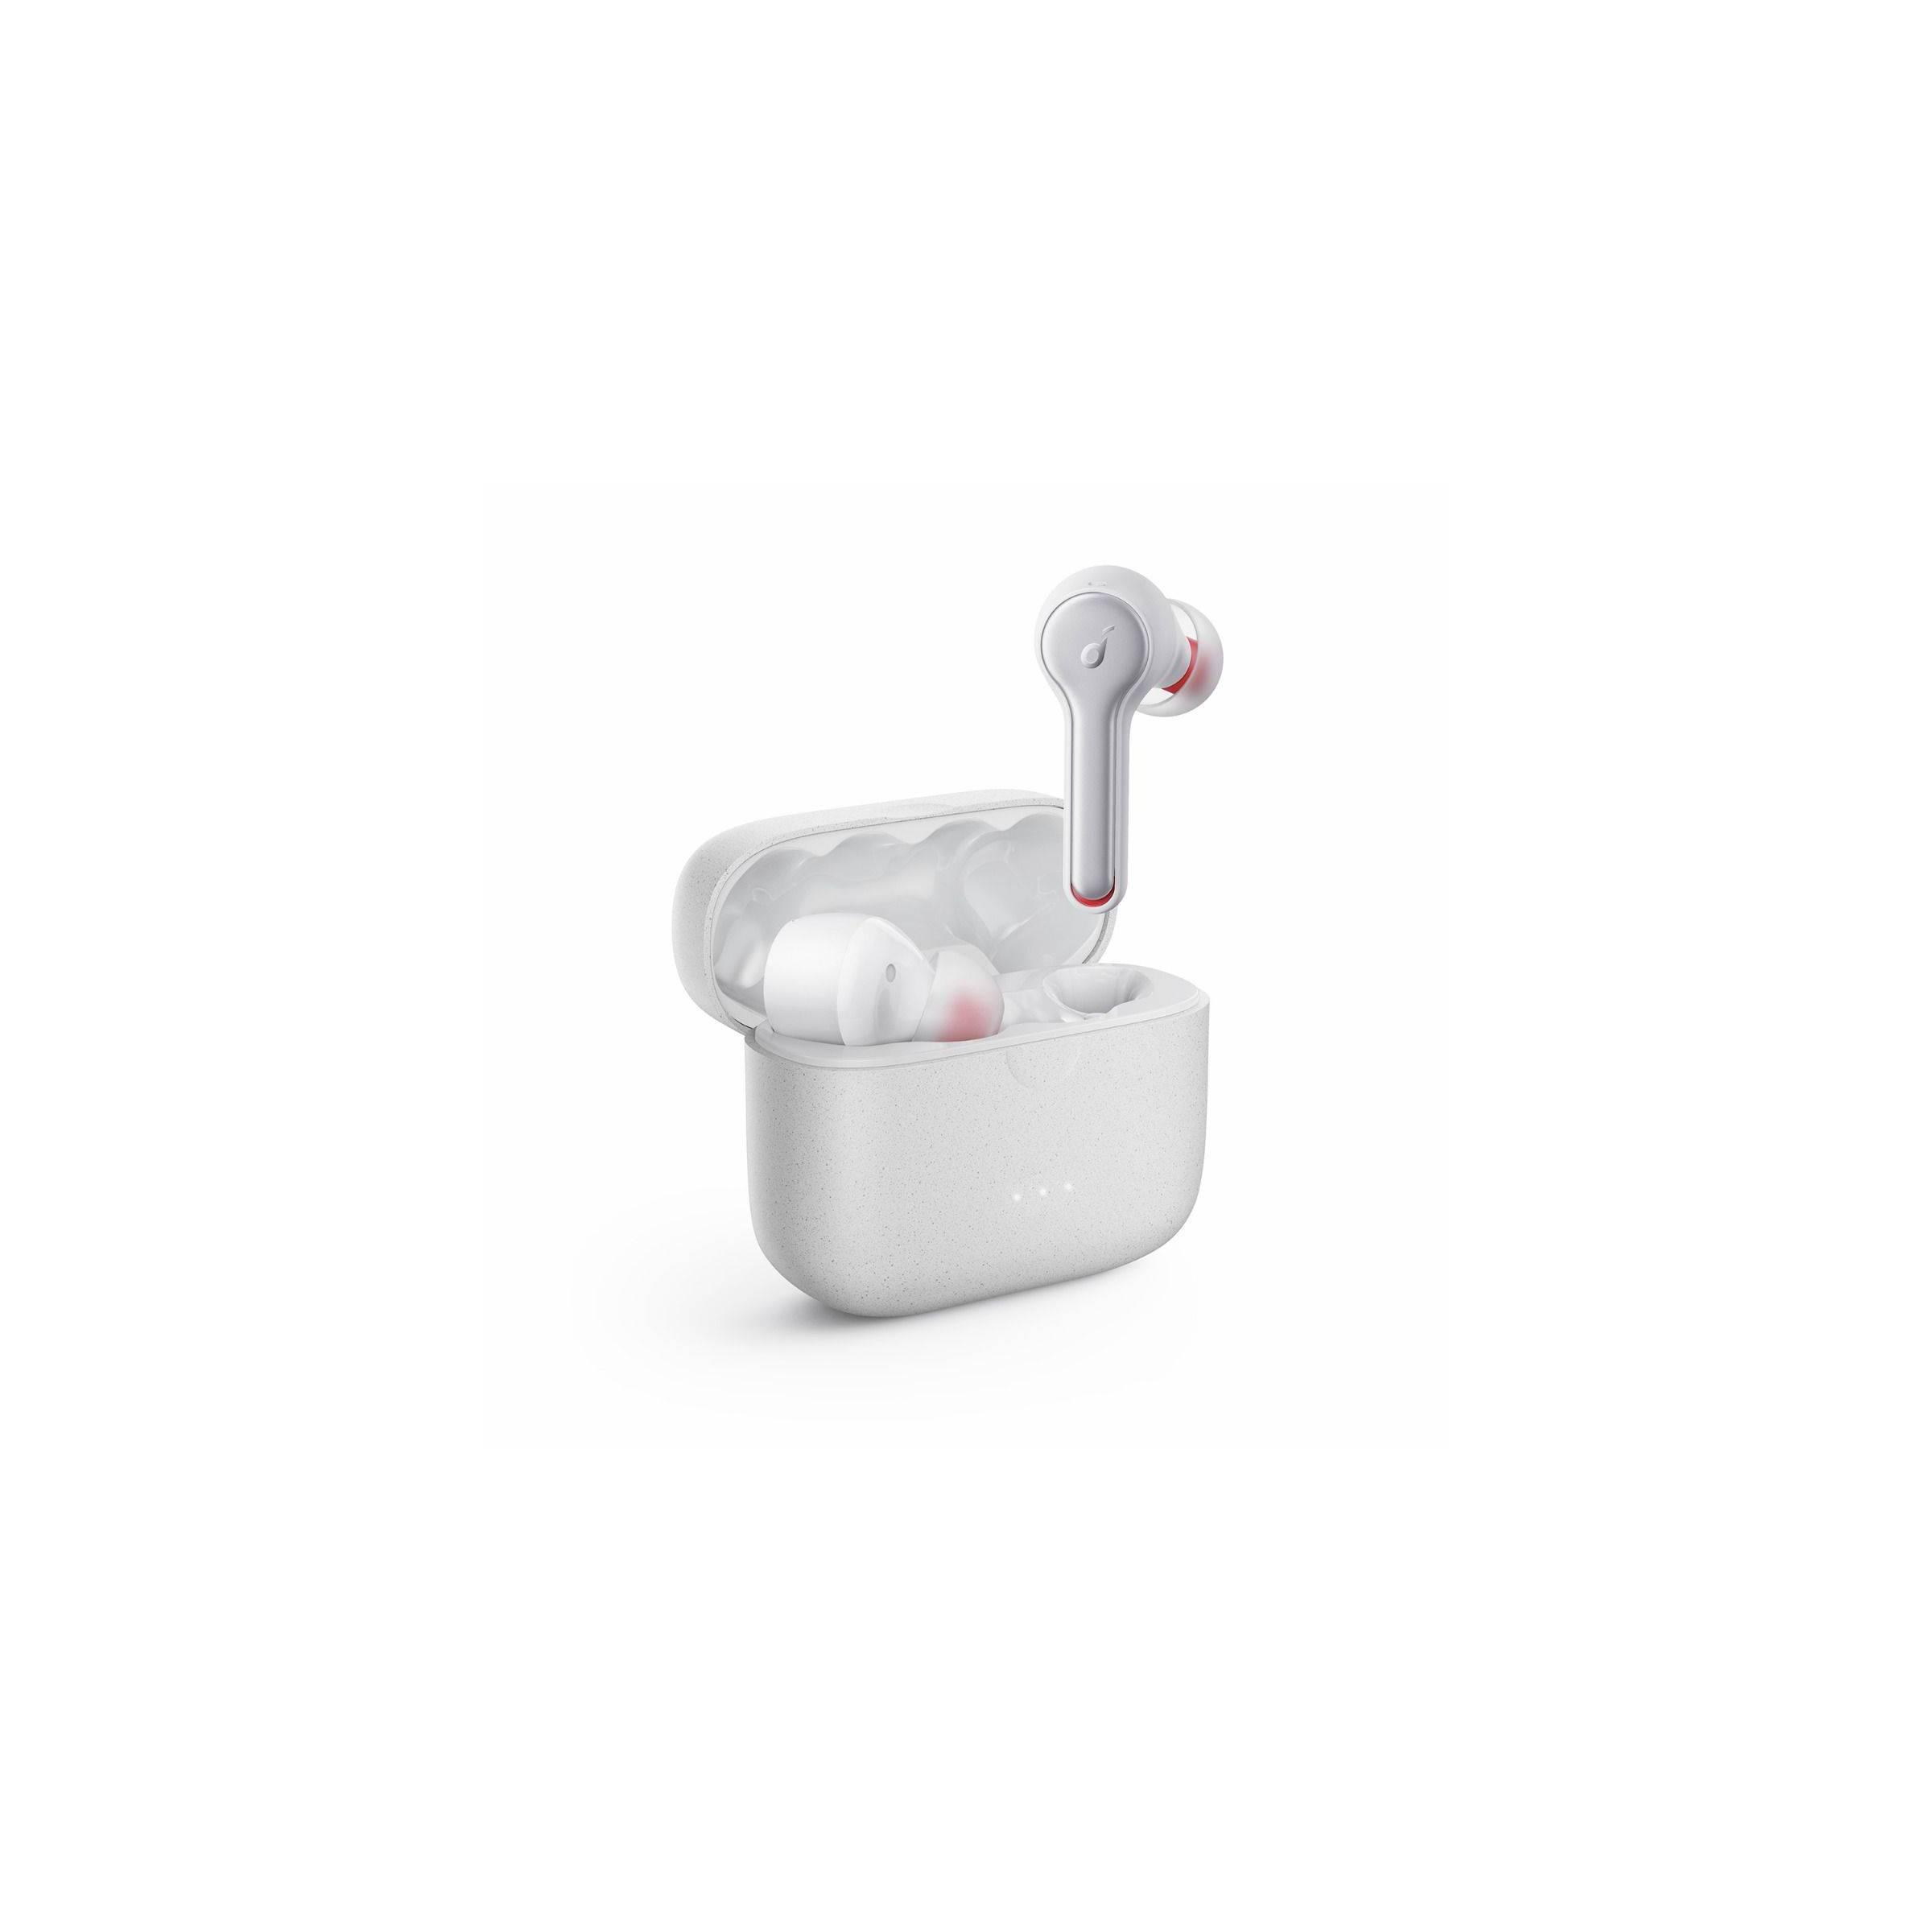 anker Anker soundcore liberty air 2 hvid/sort true wireless headset til iphone osv farve hvid fra mackabler.dk